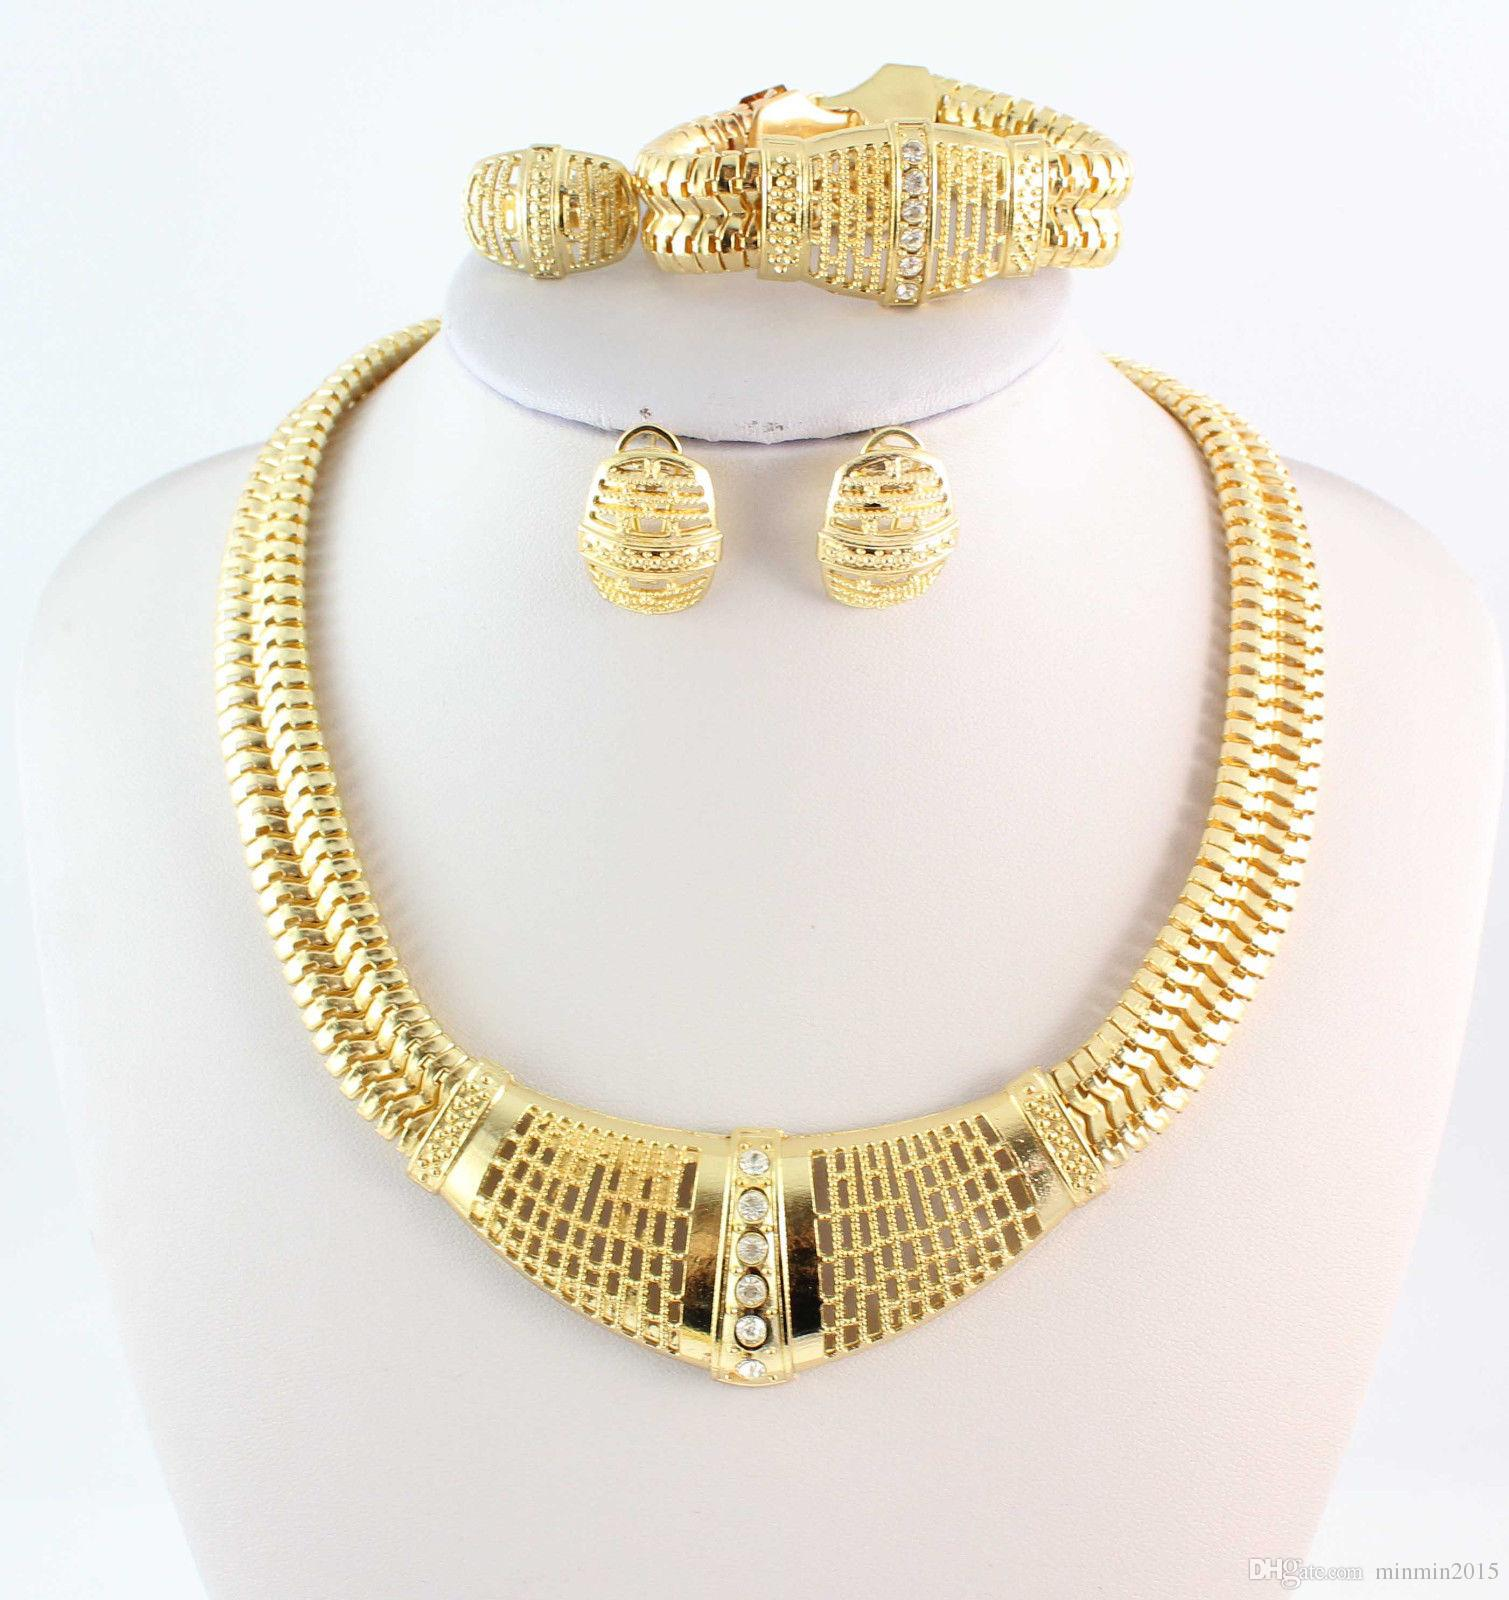 أزياء العلامة التجارية الجديدة 18K مطلية بالذهب قلادة سوار حلقة القرط مجوهرات واضح كريستال خمر مجوهرات الزفاف مجموعات الزفاف